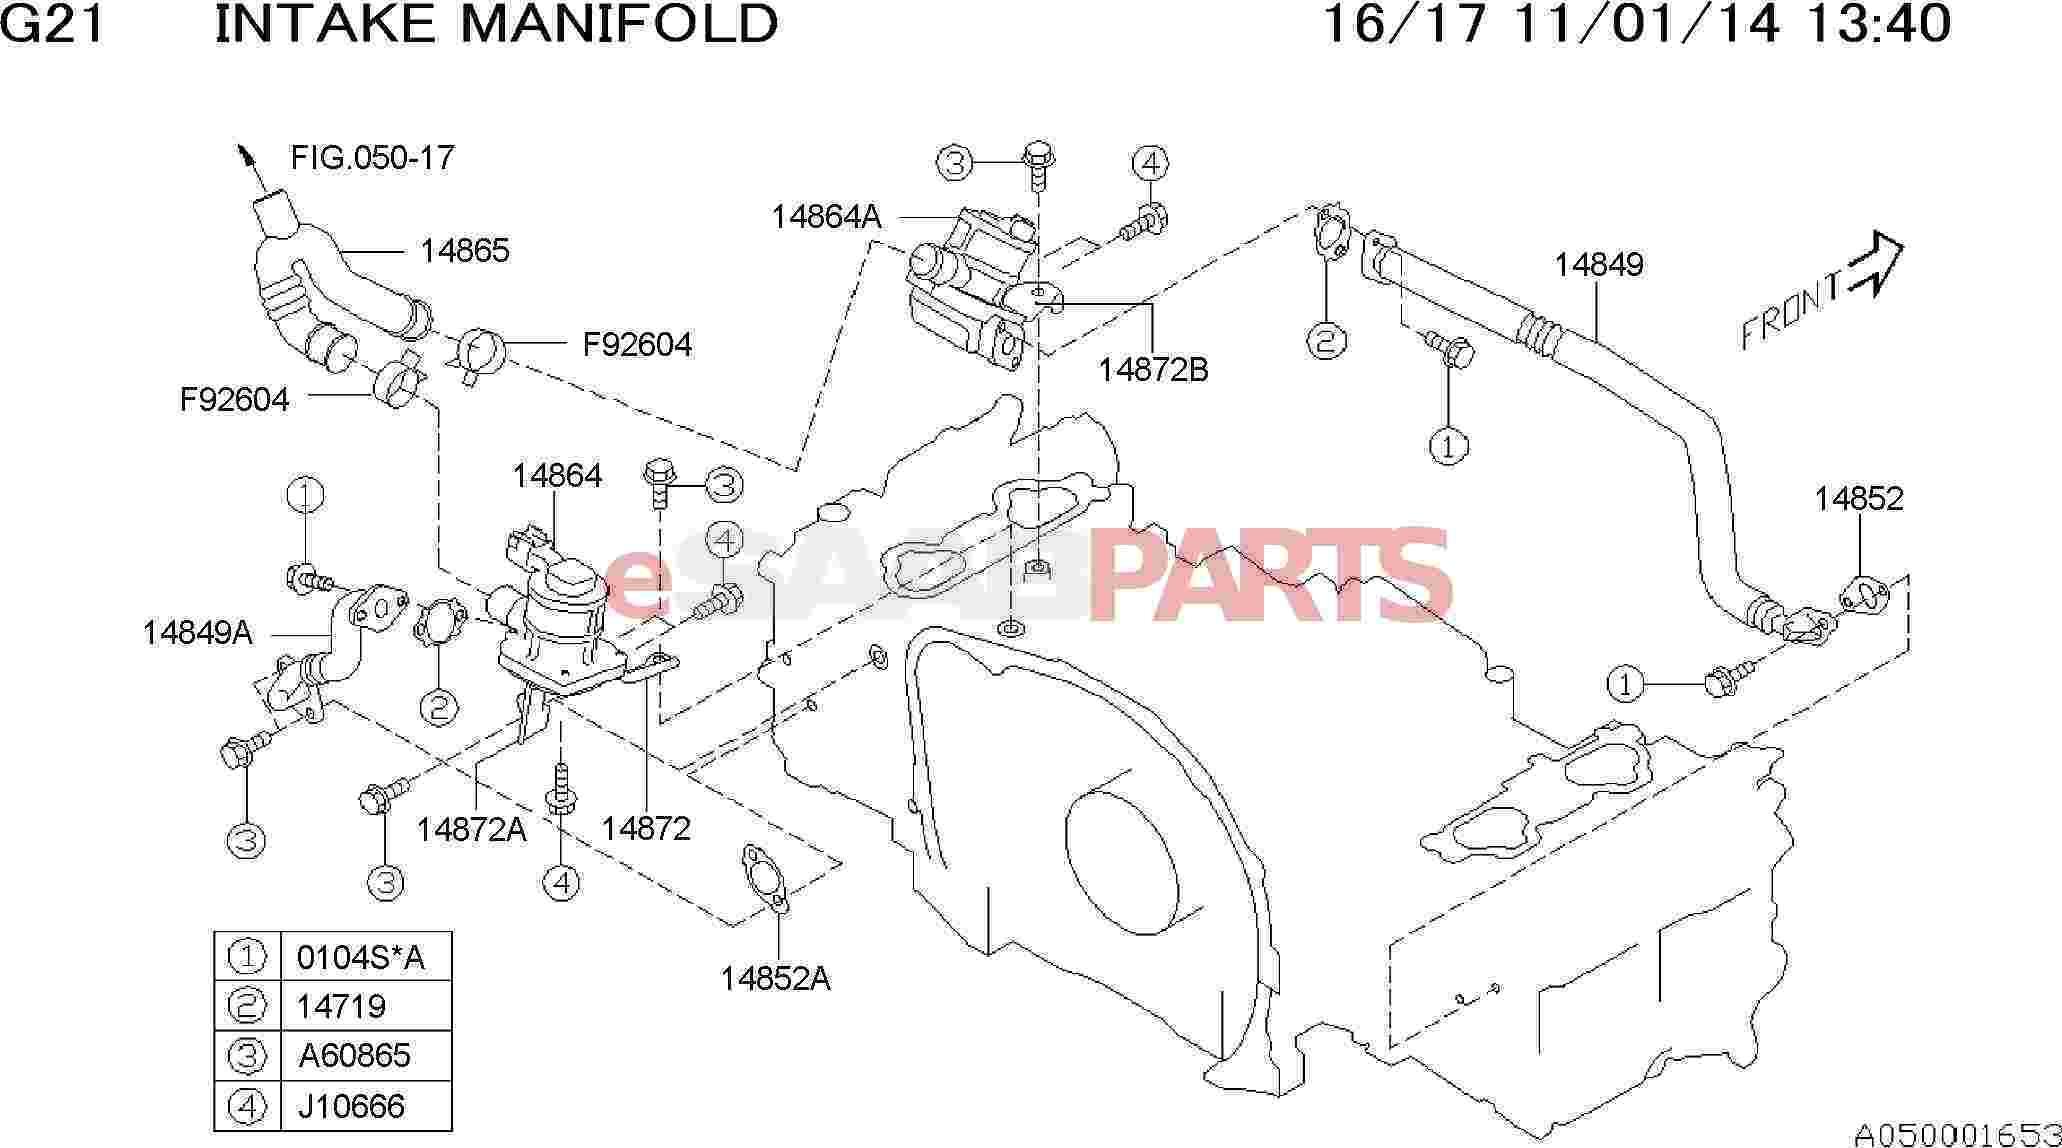 1992 Saab 900 Wiring Harness Diagram Will Be A Thing 1996 Radio 9000 Imageresizertool Com 2004 9 3 Convertible Highlander